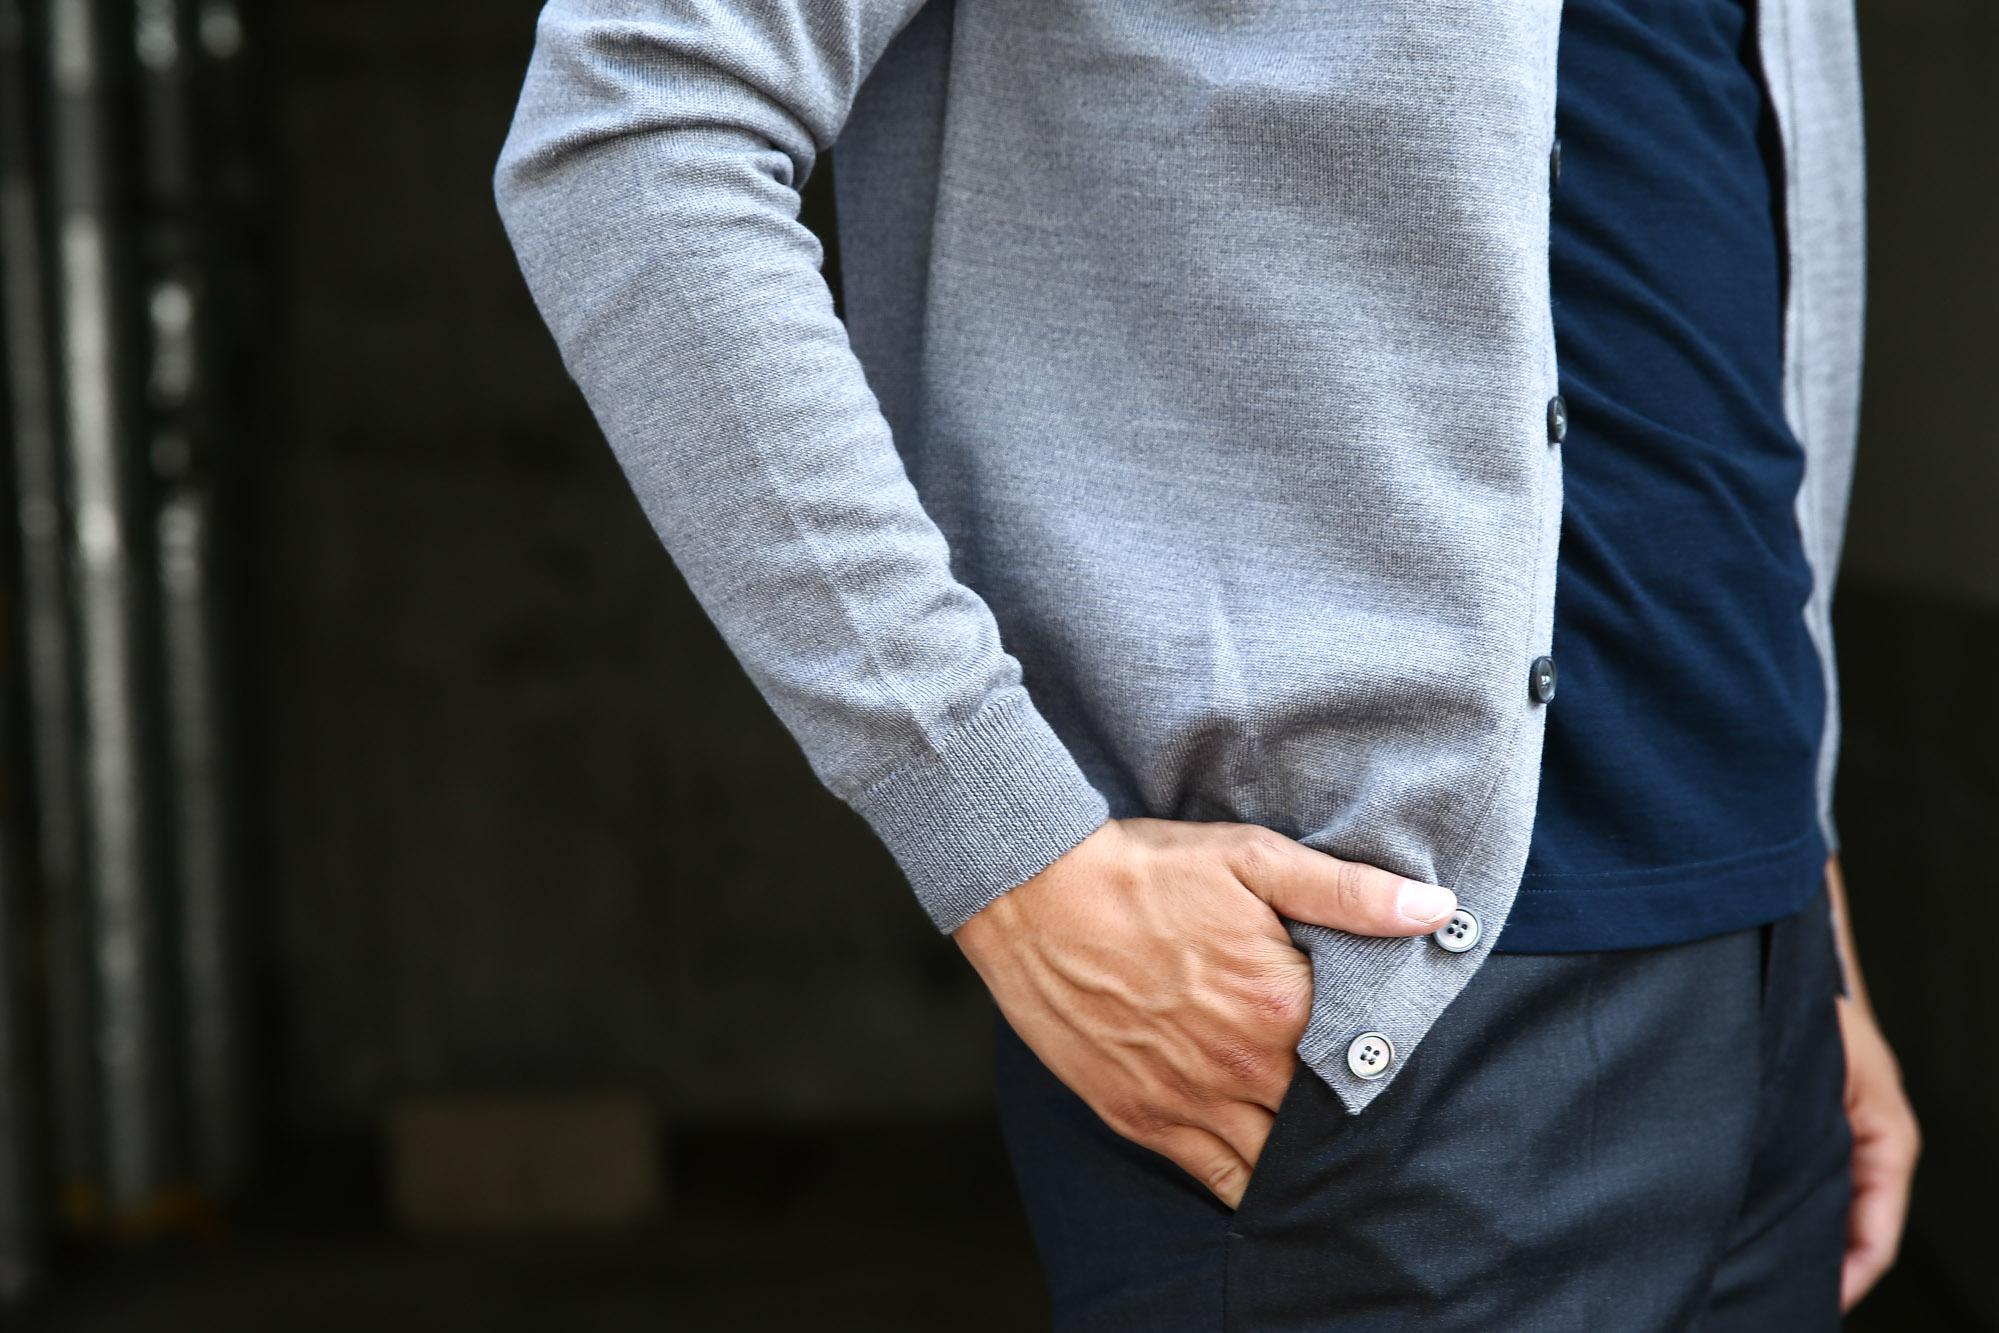 ZANONE (ザノーネ) CARDIGAN Sweaters V-Neck 811823 z0210 (Vネックカーディガン) GREY (グレー・Z3093) MADE IN ITALY のコーディネート画像。愛知 名古屋 ZODIAC ゾディアック ザノーネ 取扱い インコテックスとのコーディネート。